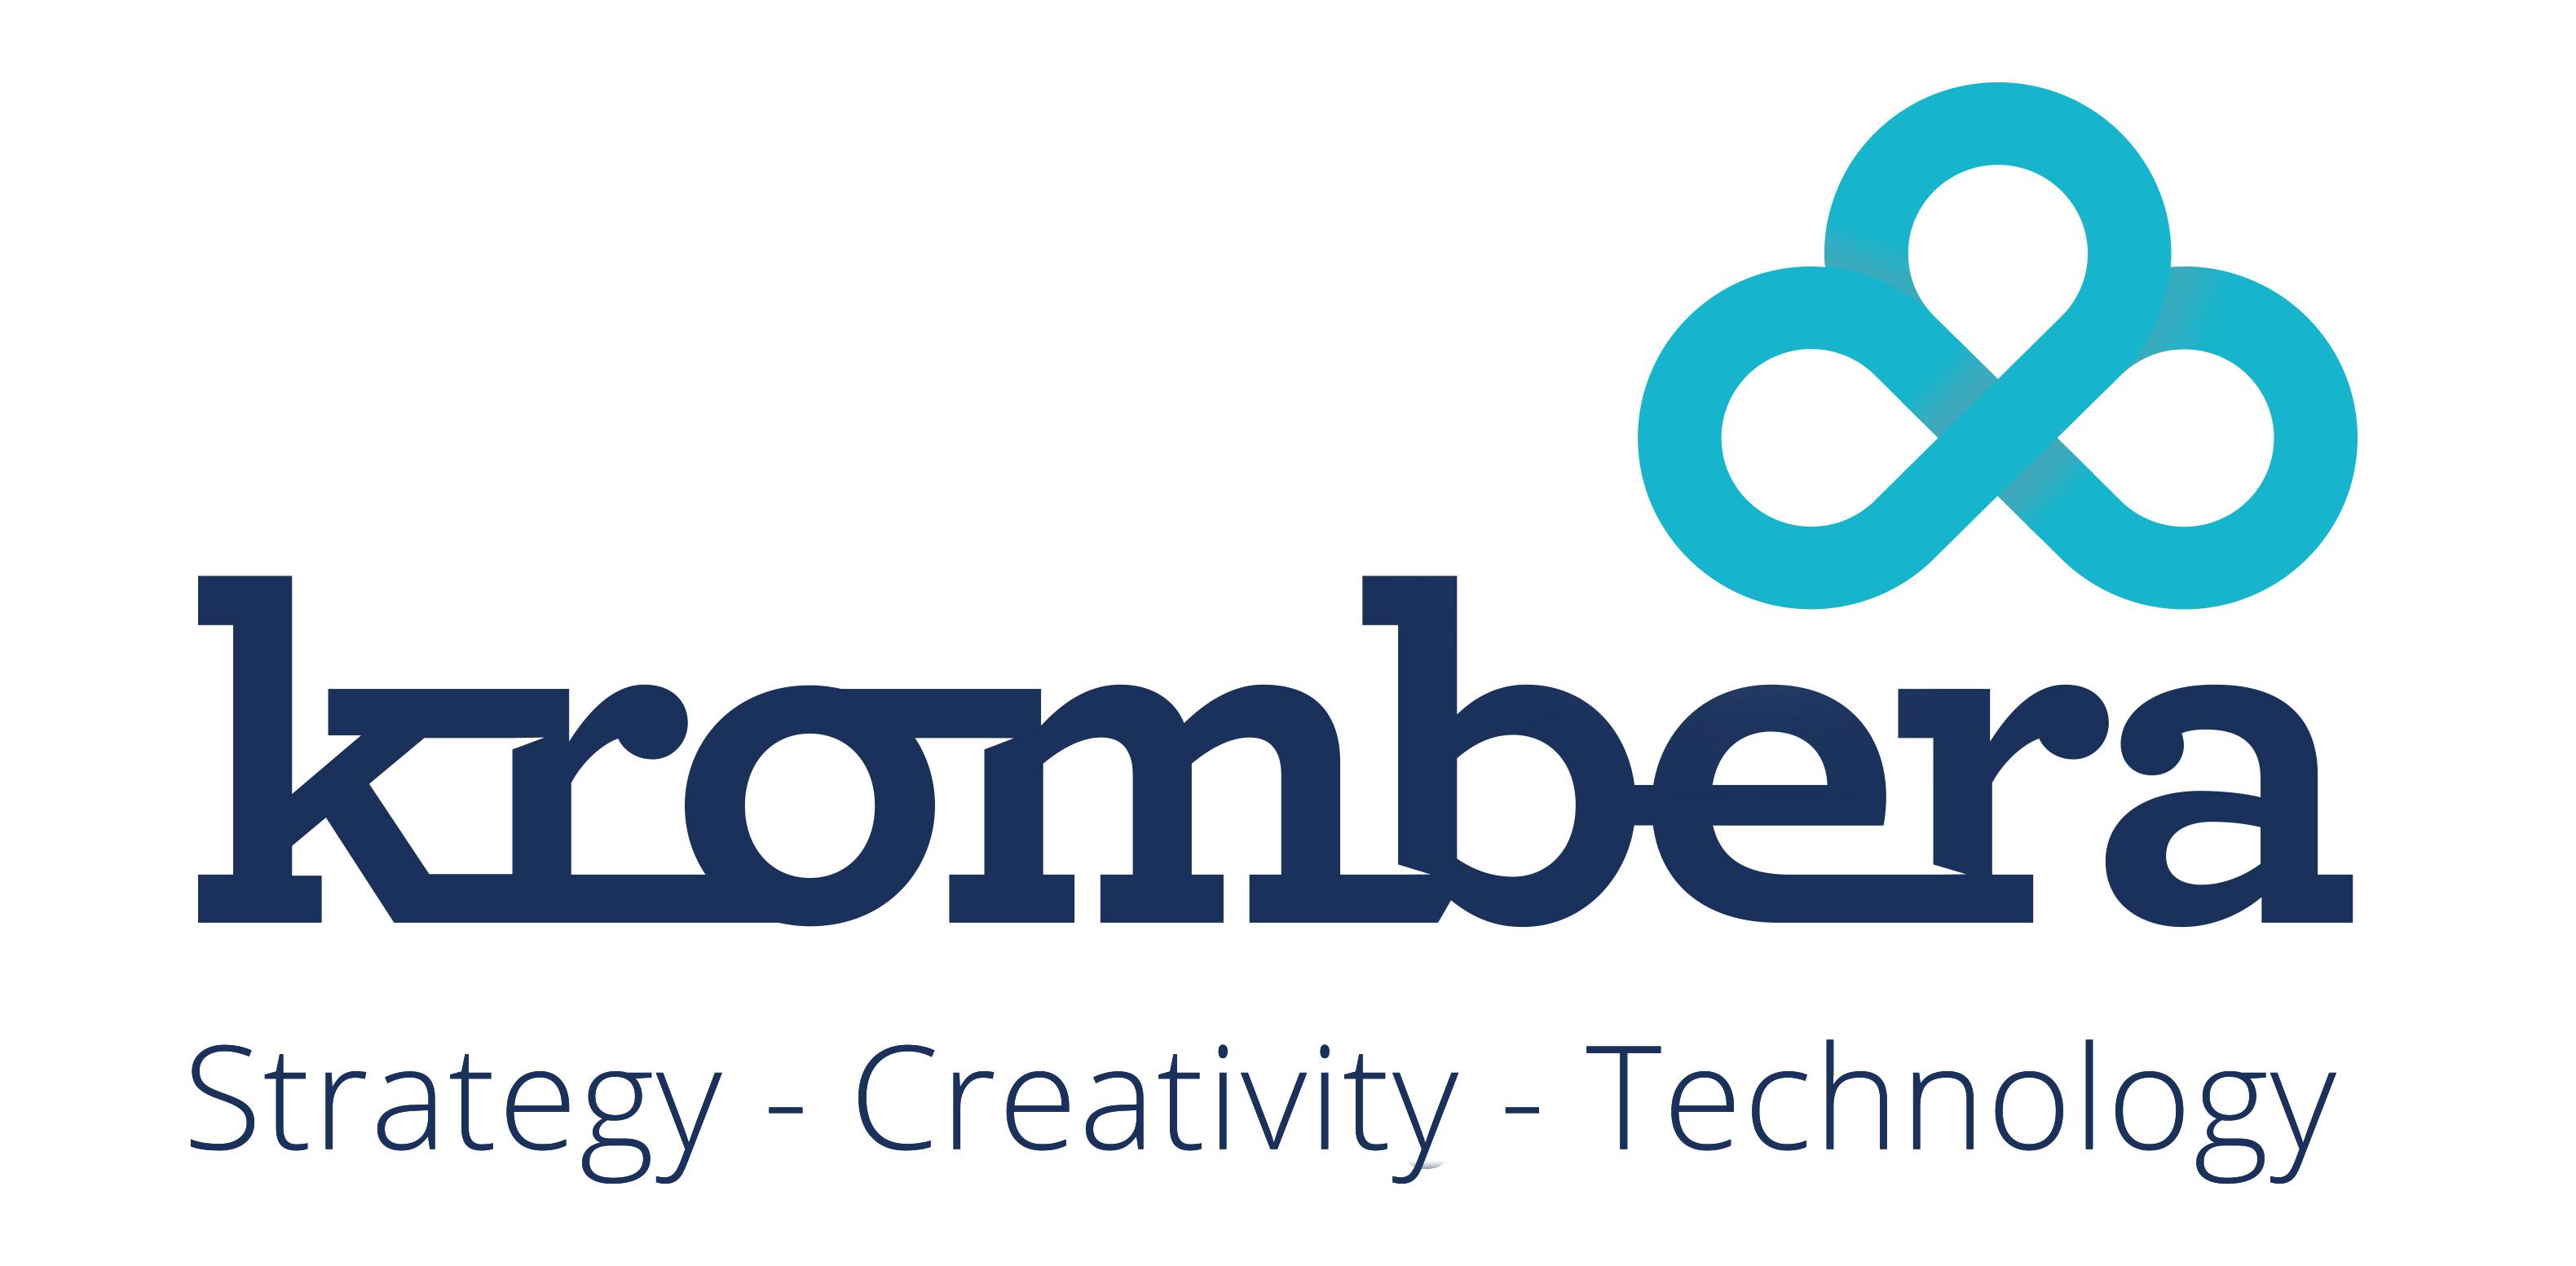 Geleneksel pazarlama anlayışını dijital mecralara entegre eden ve sosyal medya iletişimi konusunda uzmanlaşan Krombera; müşteri portföyüne sektöründe 56 yıllık tecrübeye sahip Çetmen Mobilya'yı ekledi.